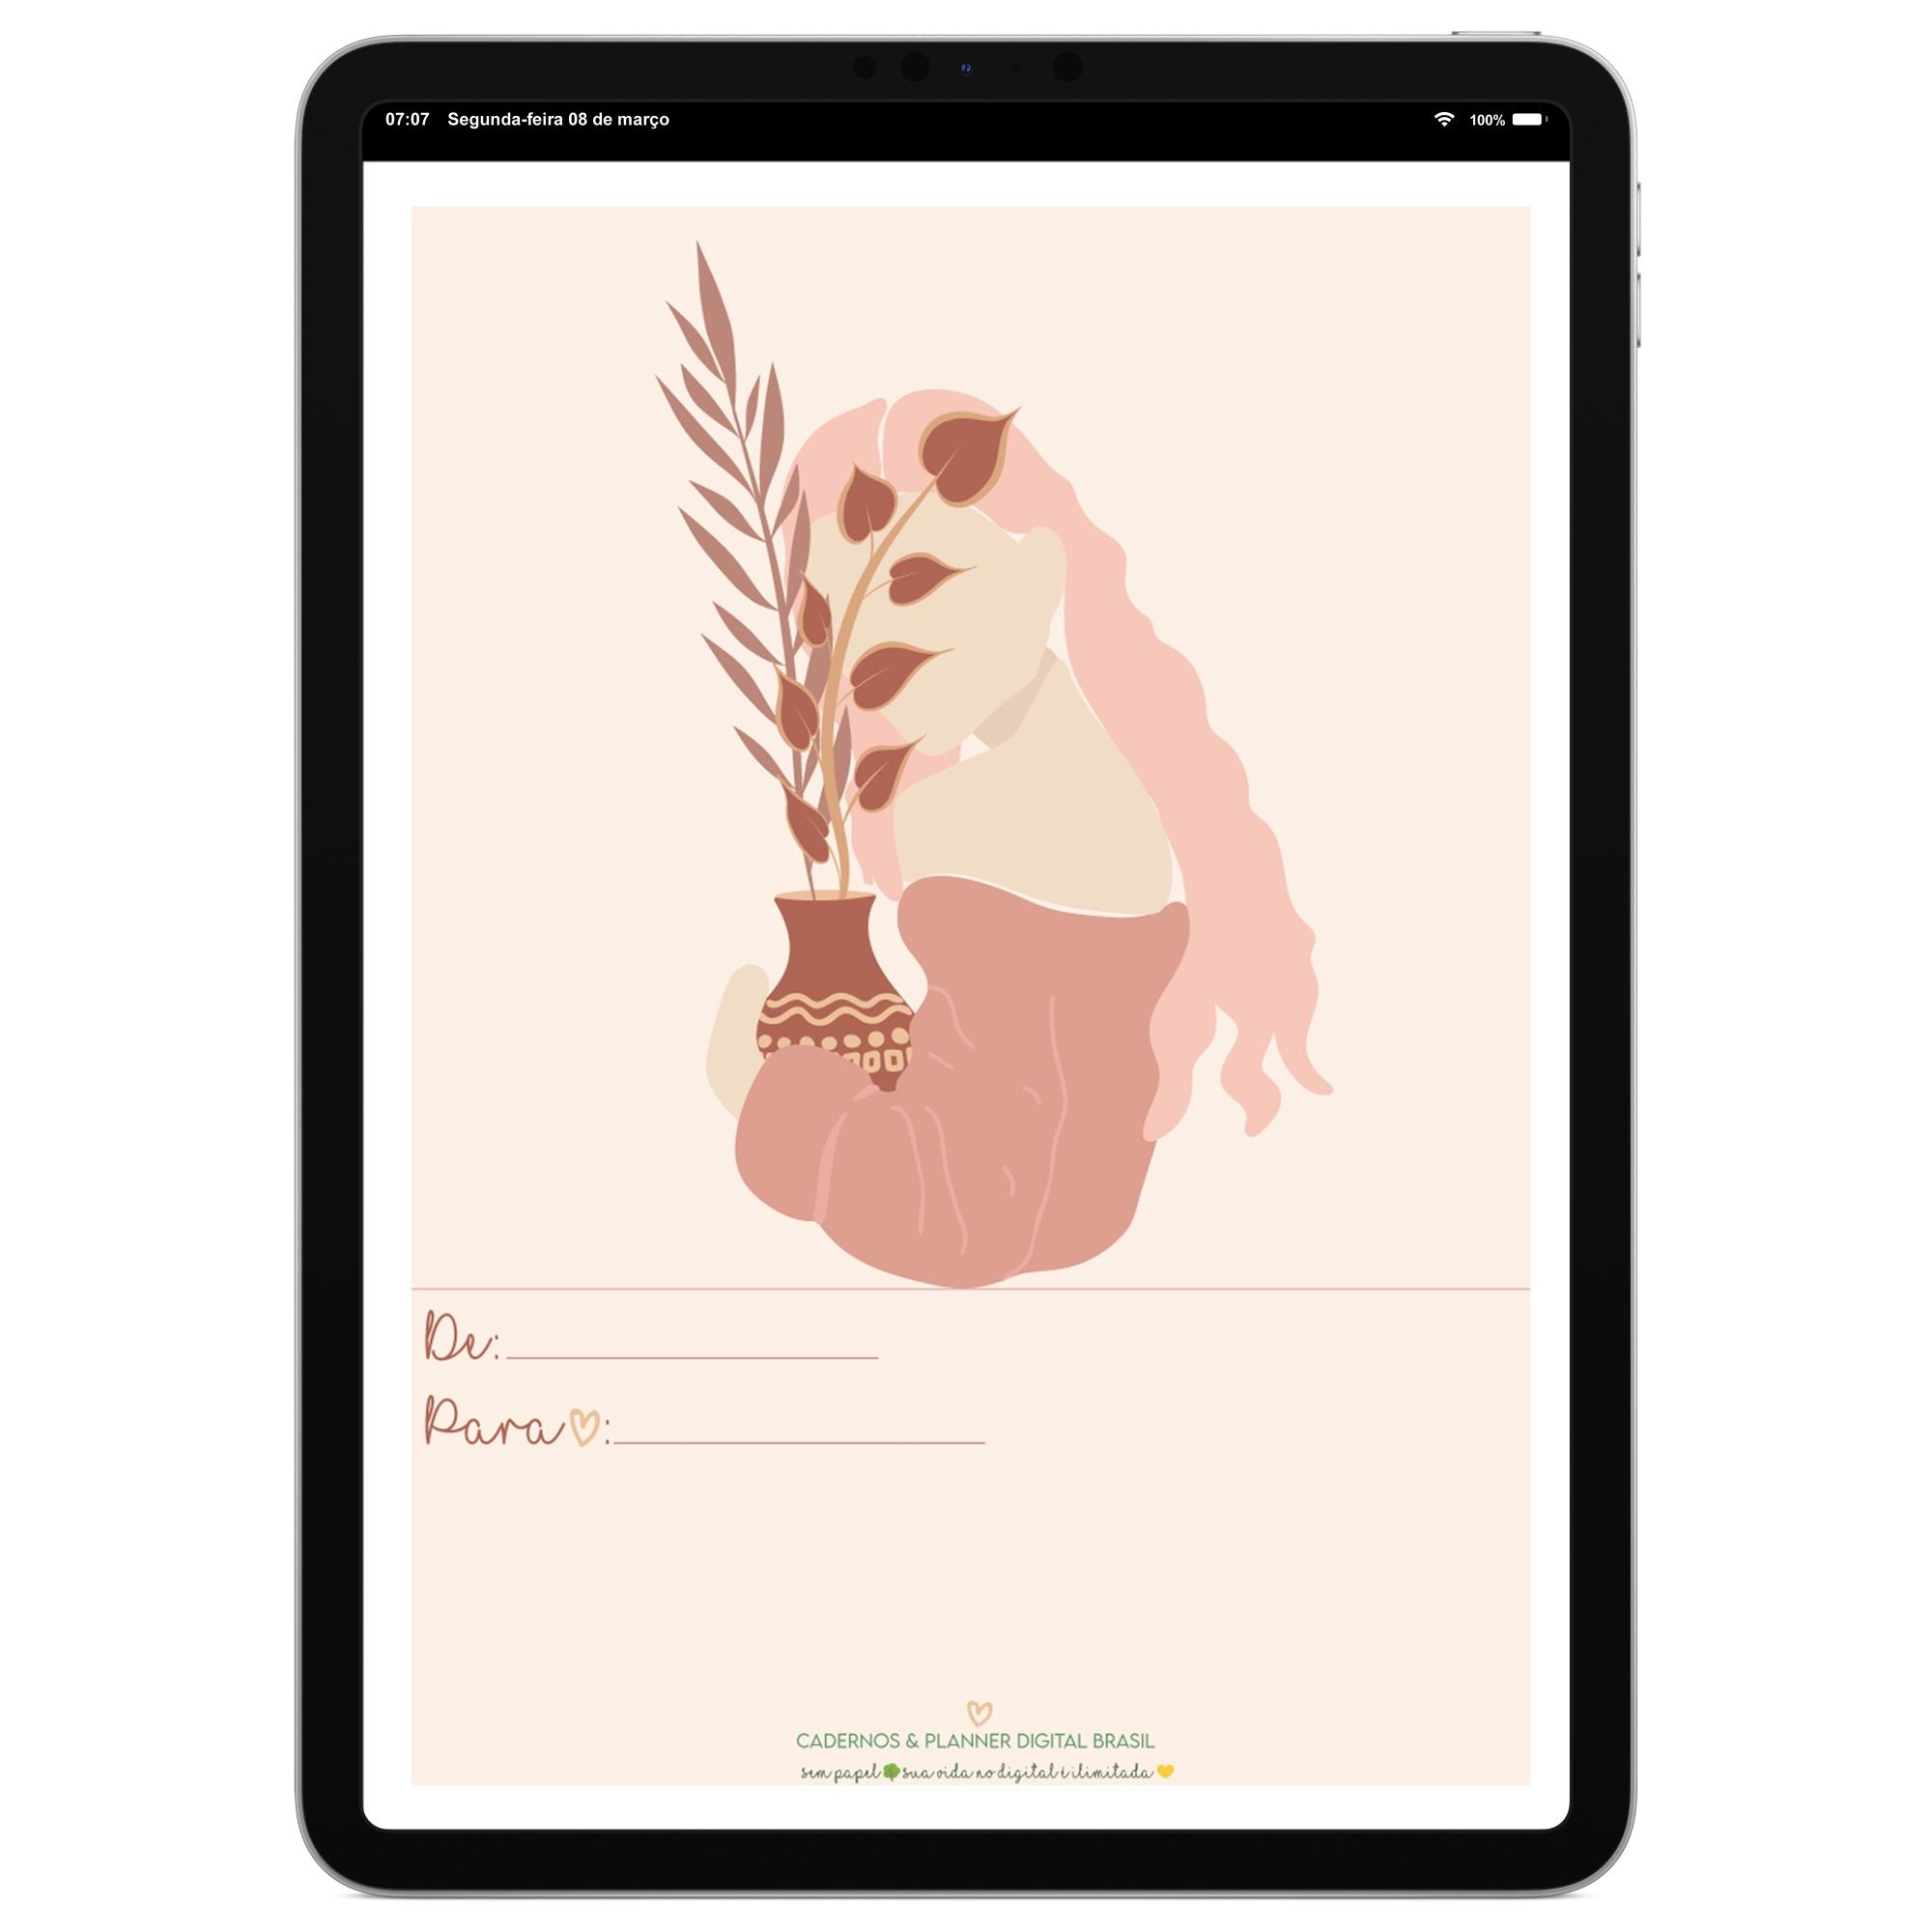 Cartão Comemorativo Digital   Dia Internacional da Mulher   Celular, iPad, Tablet   Download Gratuito